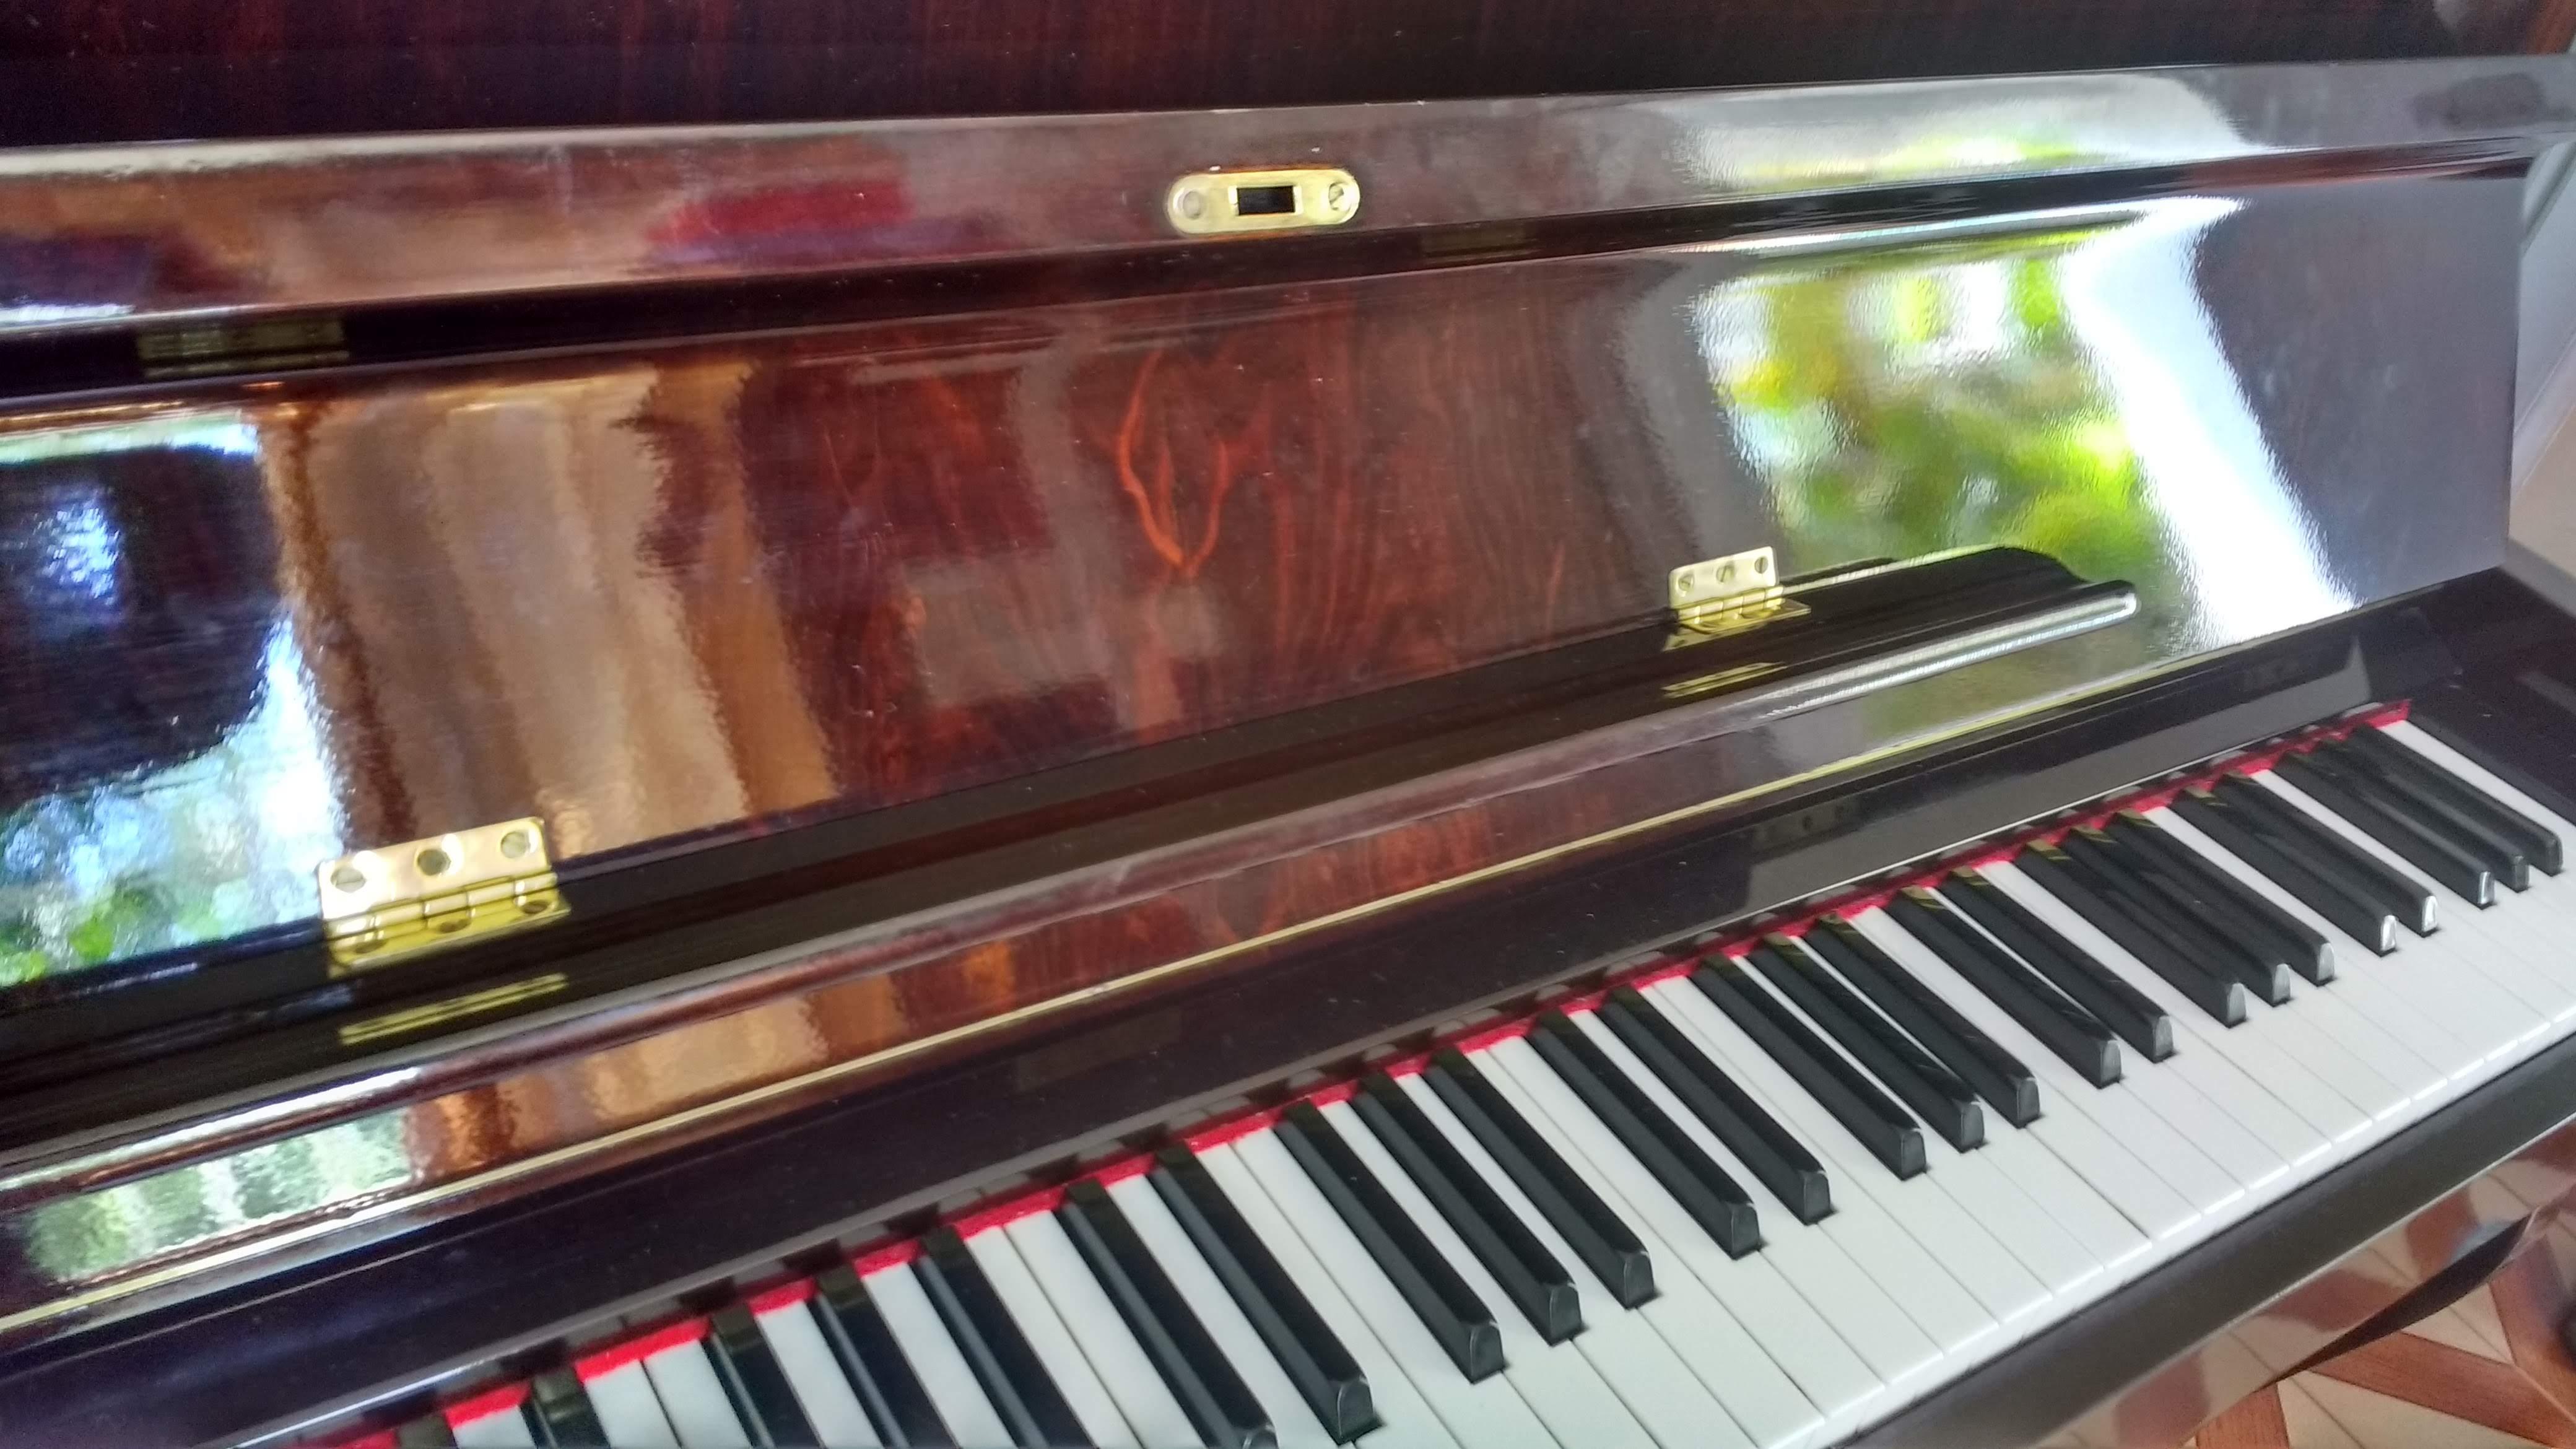 juiz de fora luciane borges aulas particulares de teclado, Tocar de ouvido e por partitura,